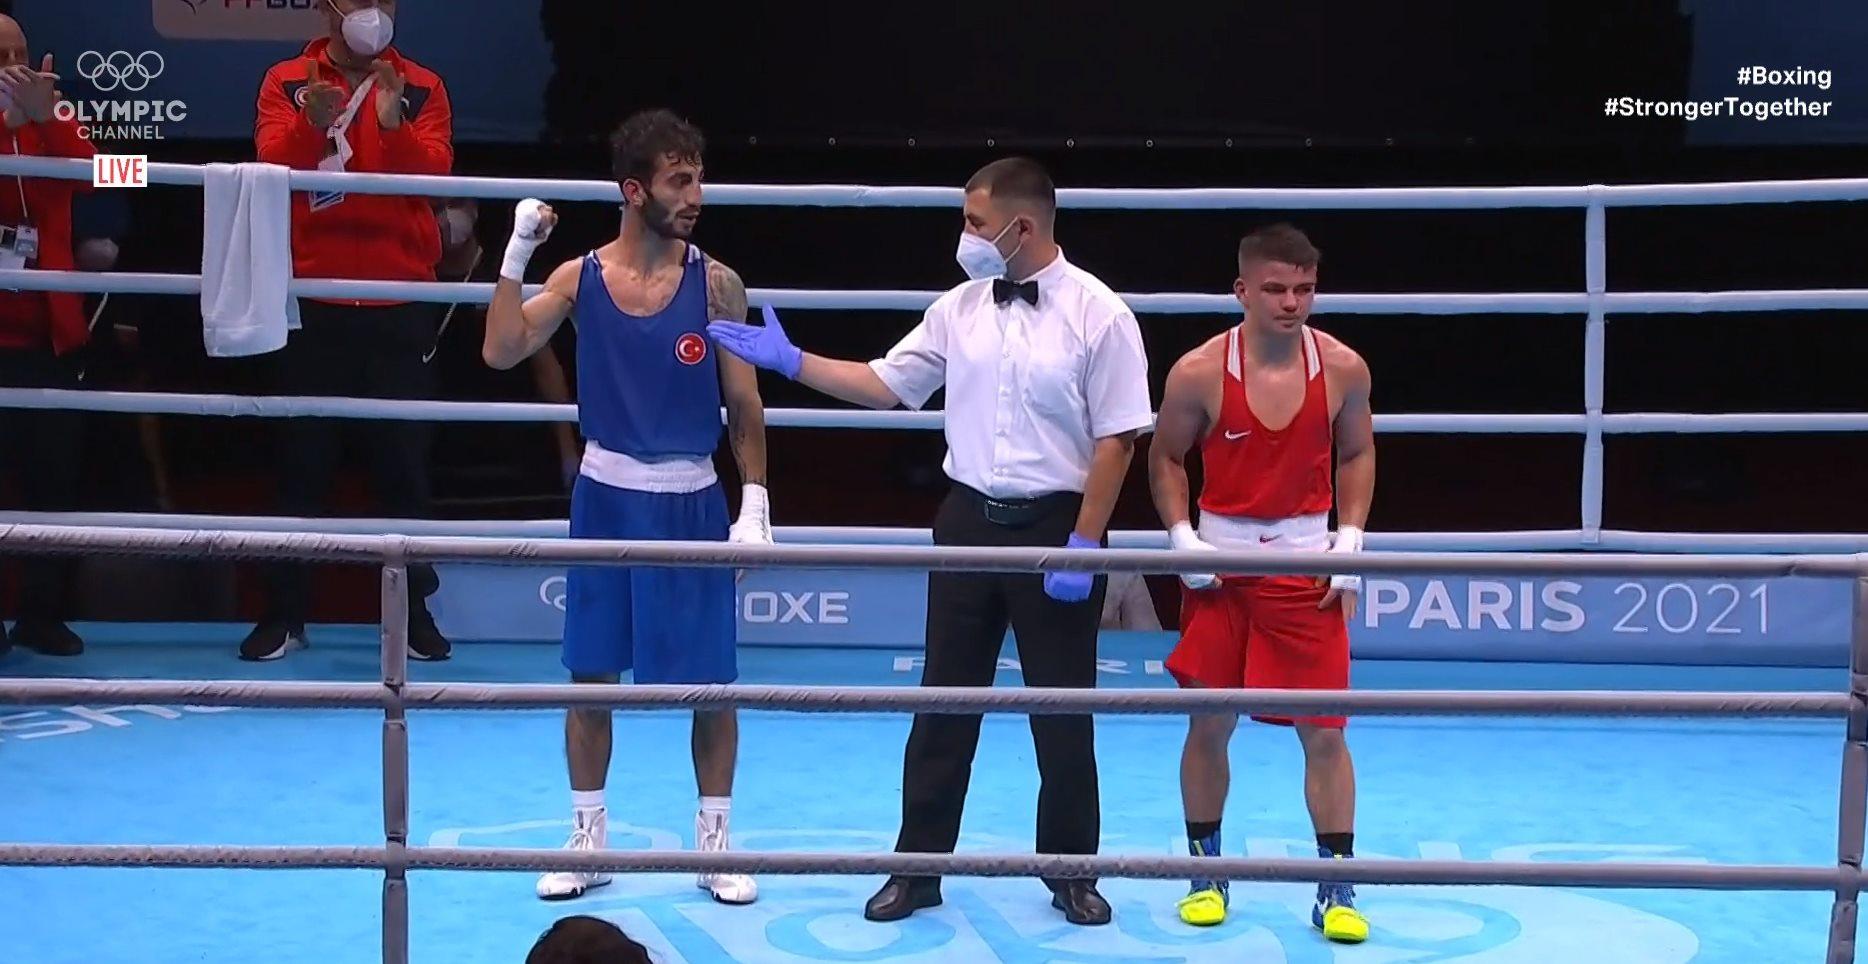 Bir 2 kişi, iç mekan ve şunu diyen bir yazı 'OLYMPIC LIVE #Boxing #StrongerTogether OXE PARIS 2021' görseli olabilir